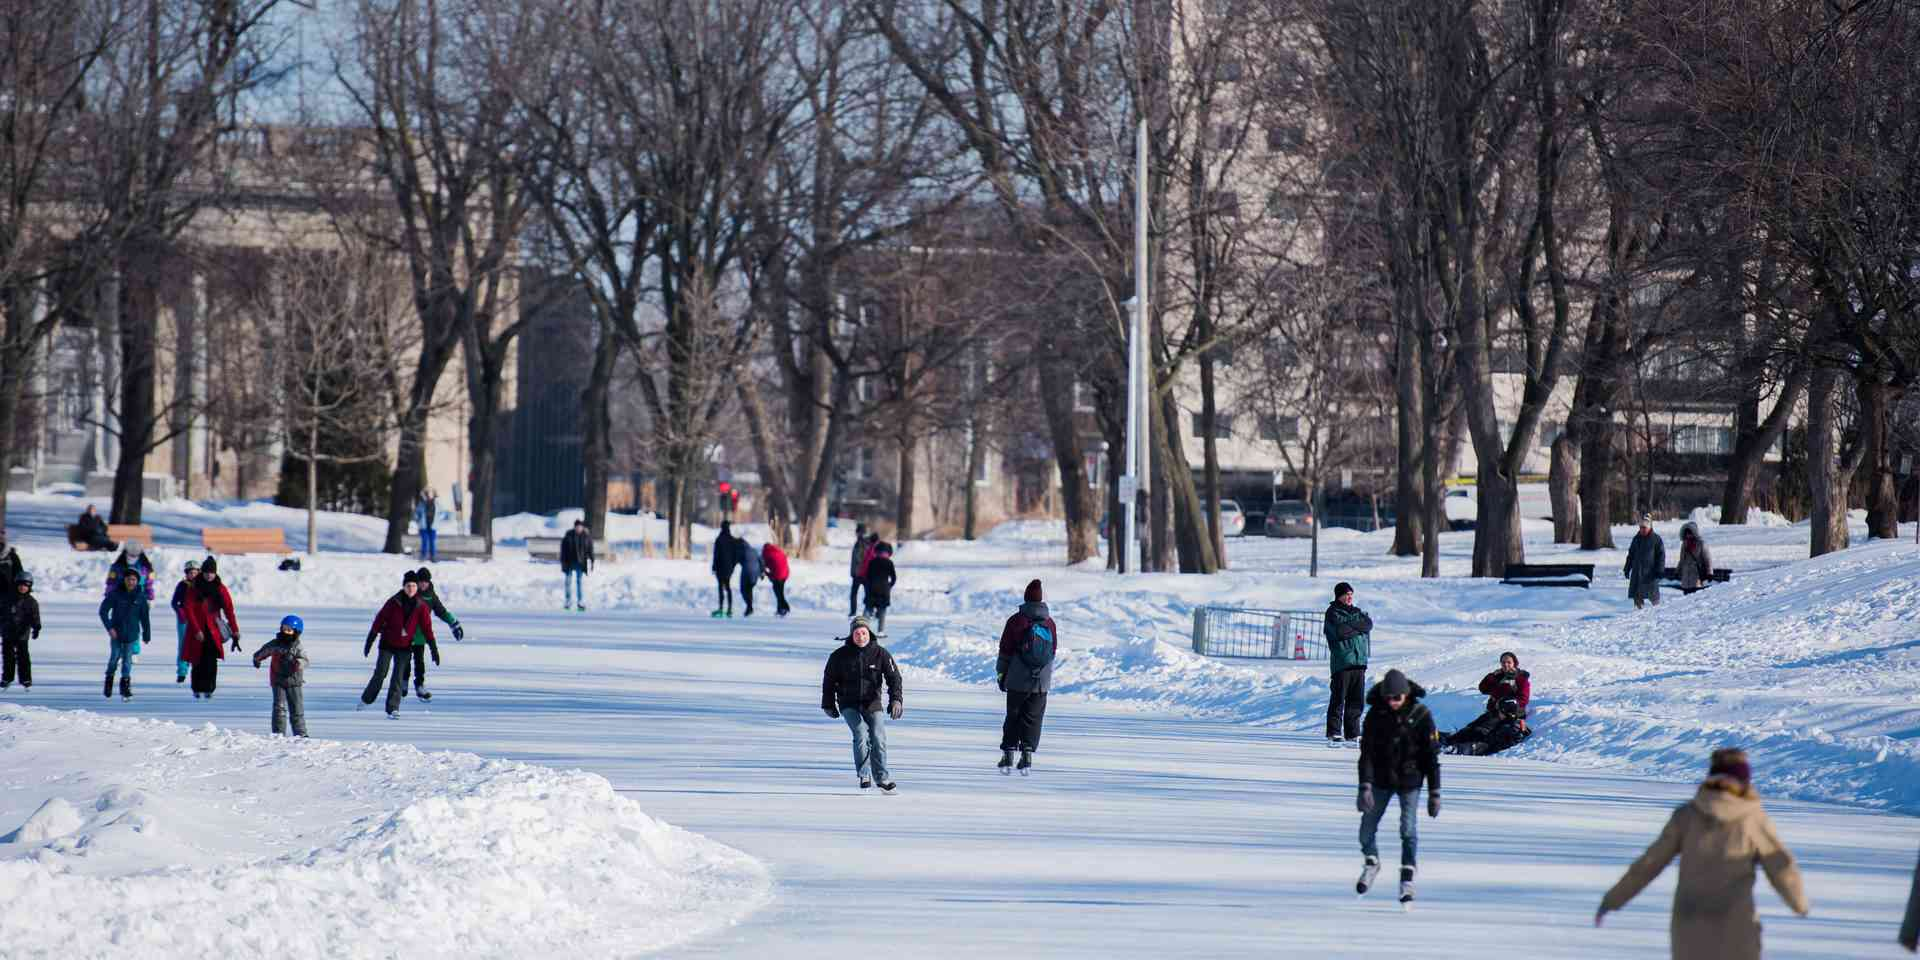 Ice skating at Parc Maisonneuve